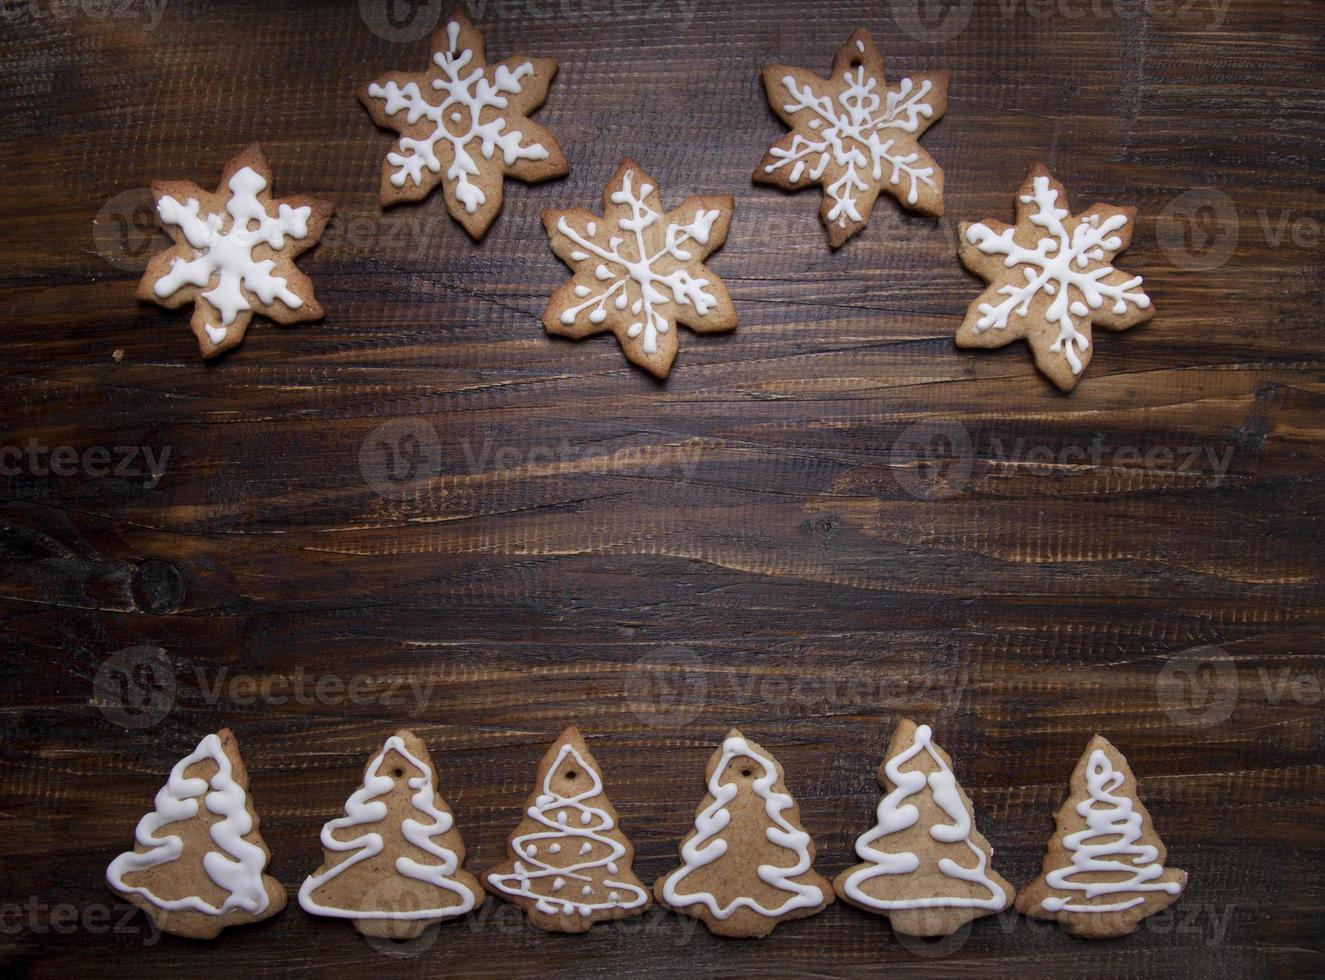 Weihnachtshintergrund mit Keksen verziert mit Zuckerguss, auf einem Holzbrett. foto